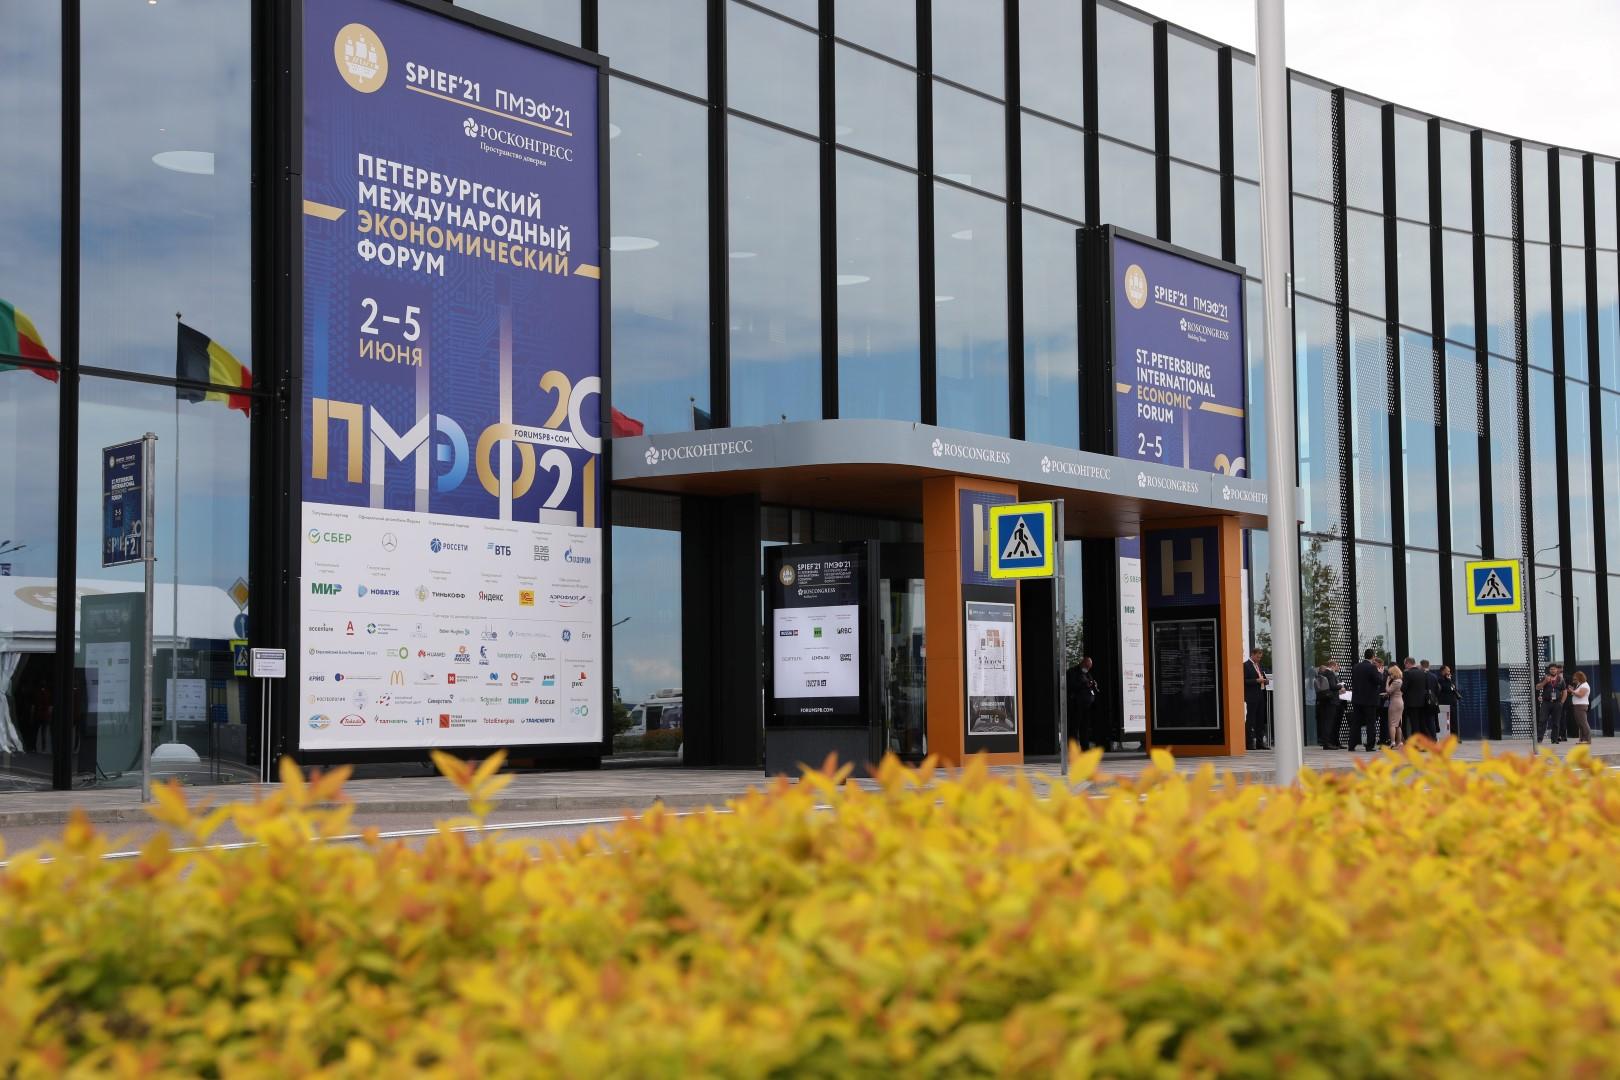 Дмитрий Миронов: область планирует заключить максимальное количество соглашений на ПМЭФ-2021